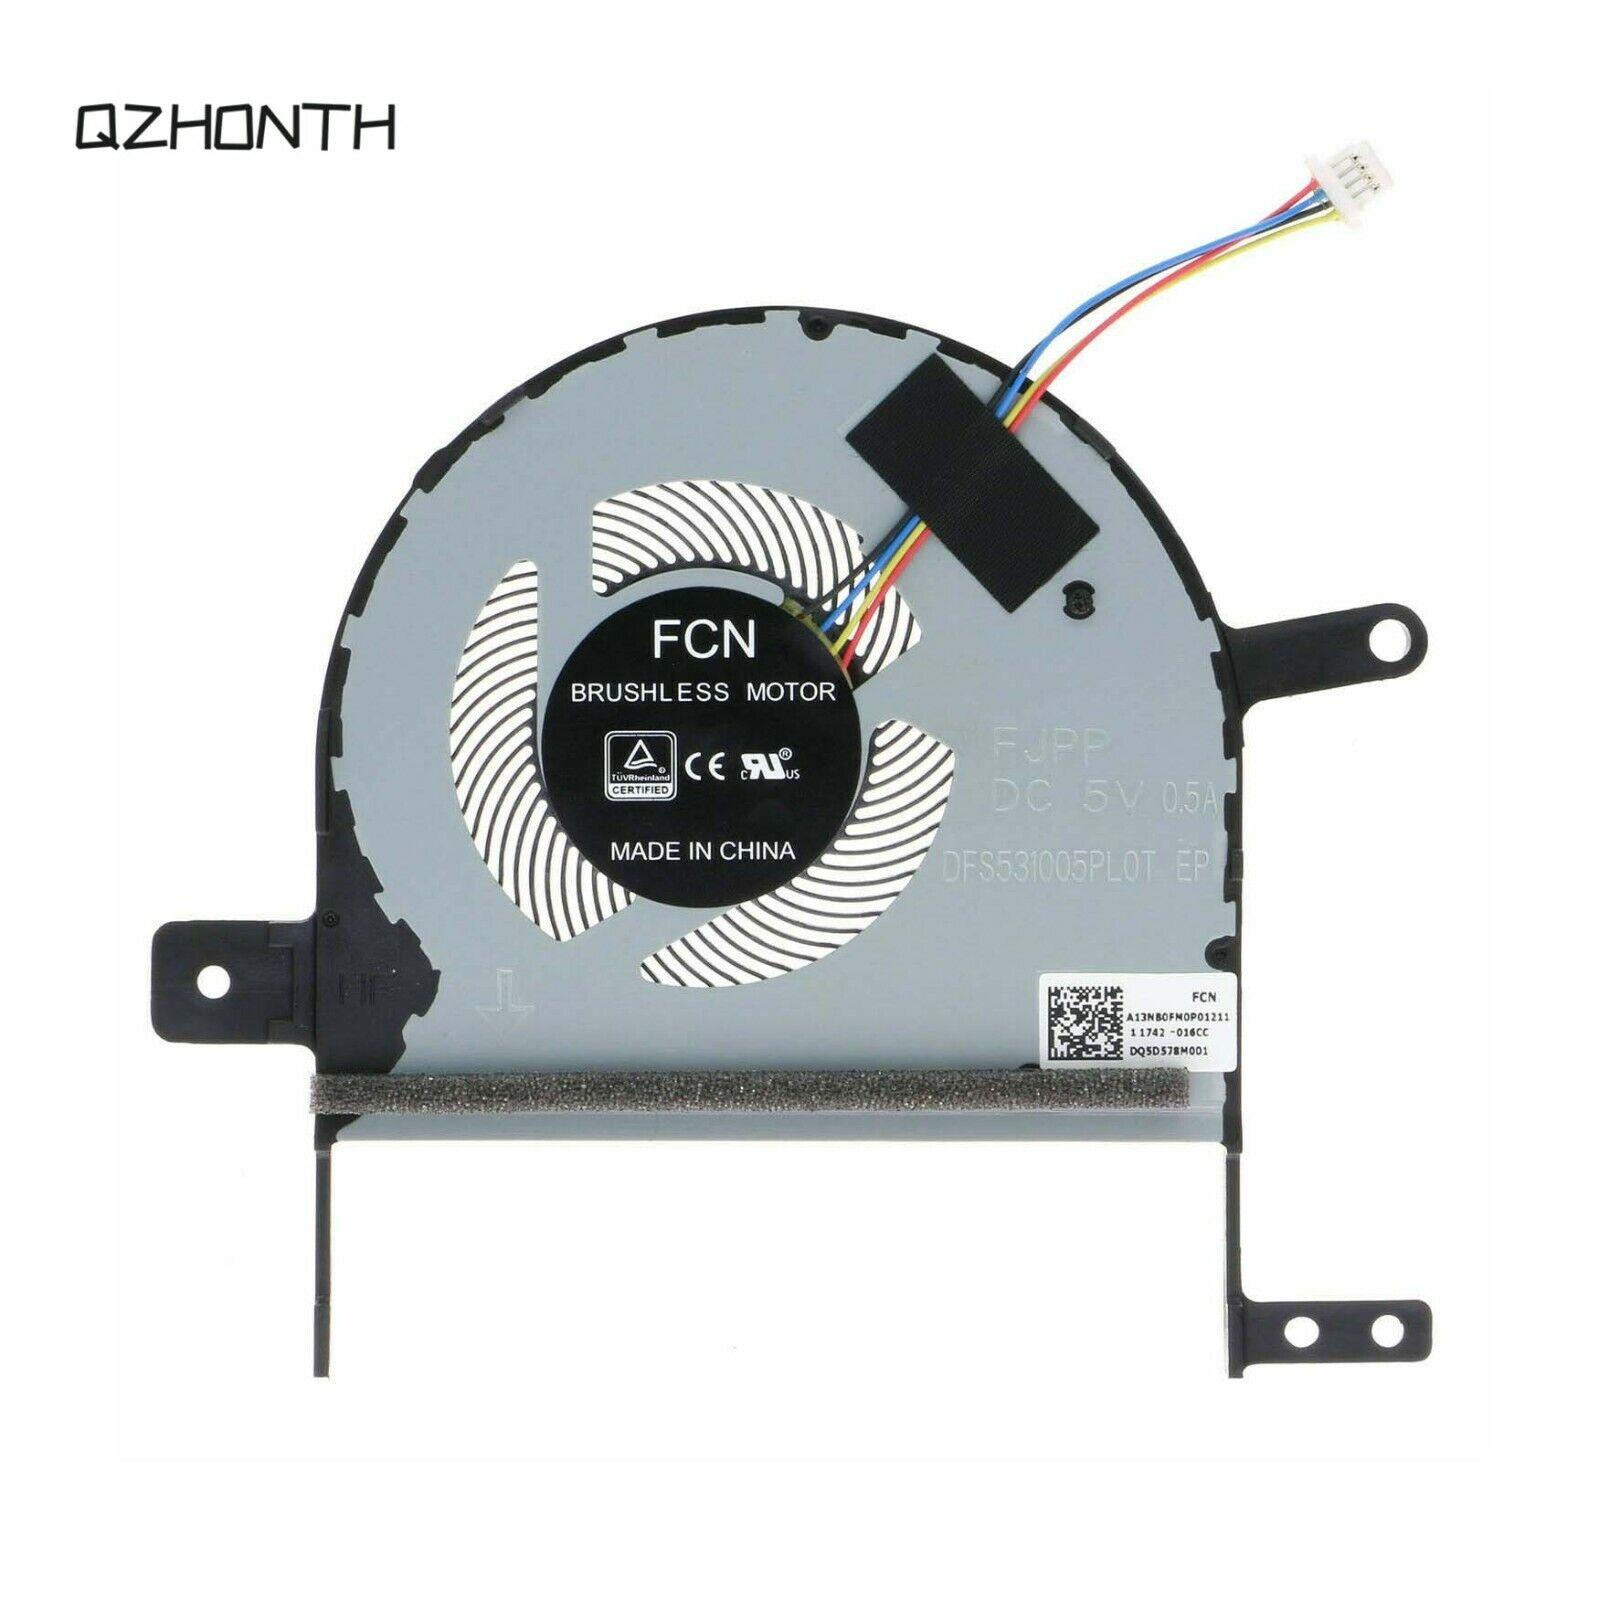 New CPU Cooling Fan For ASUS VivoBook S15 S510 S510U S510UA S510UQ X510 X510U